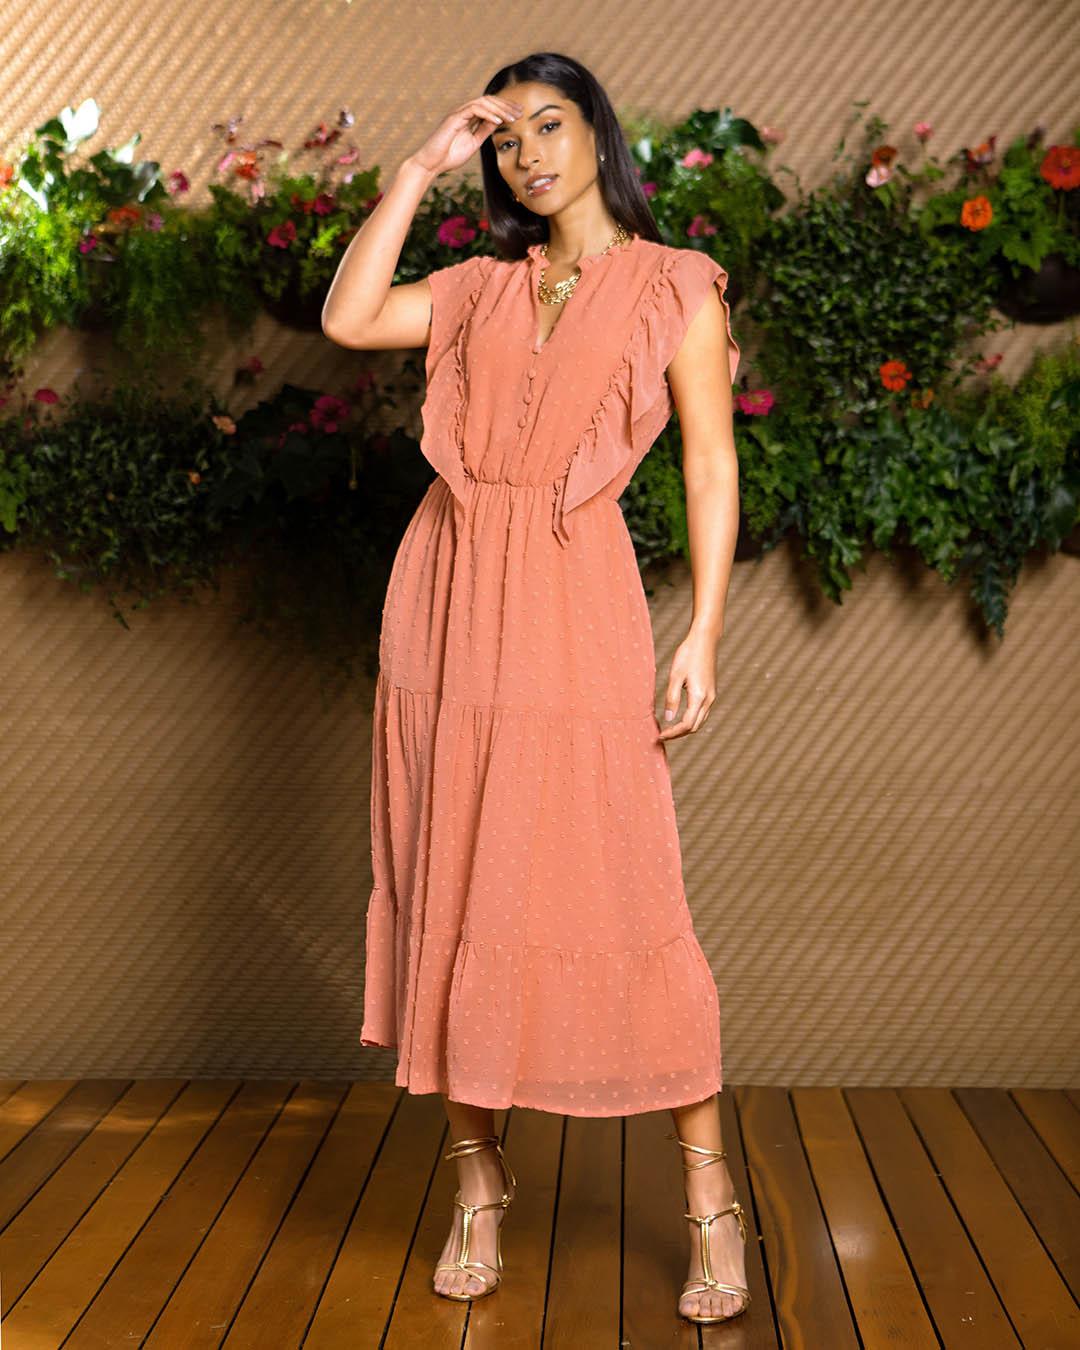 Vestido Midi Soltinho Chiffon Poá Unique Chic Ariane